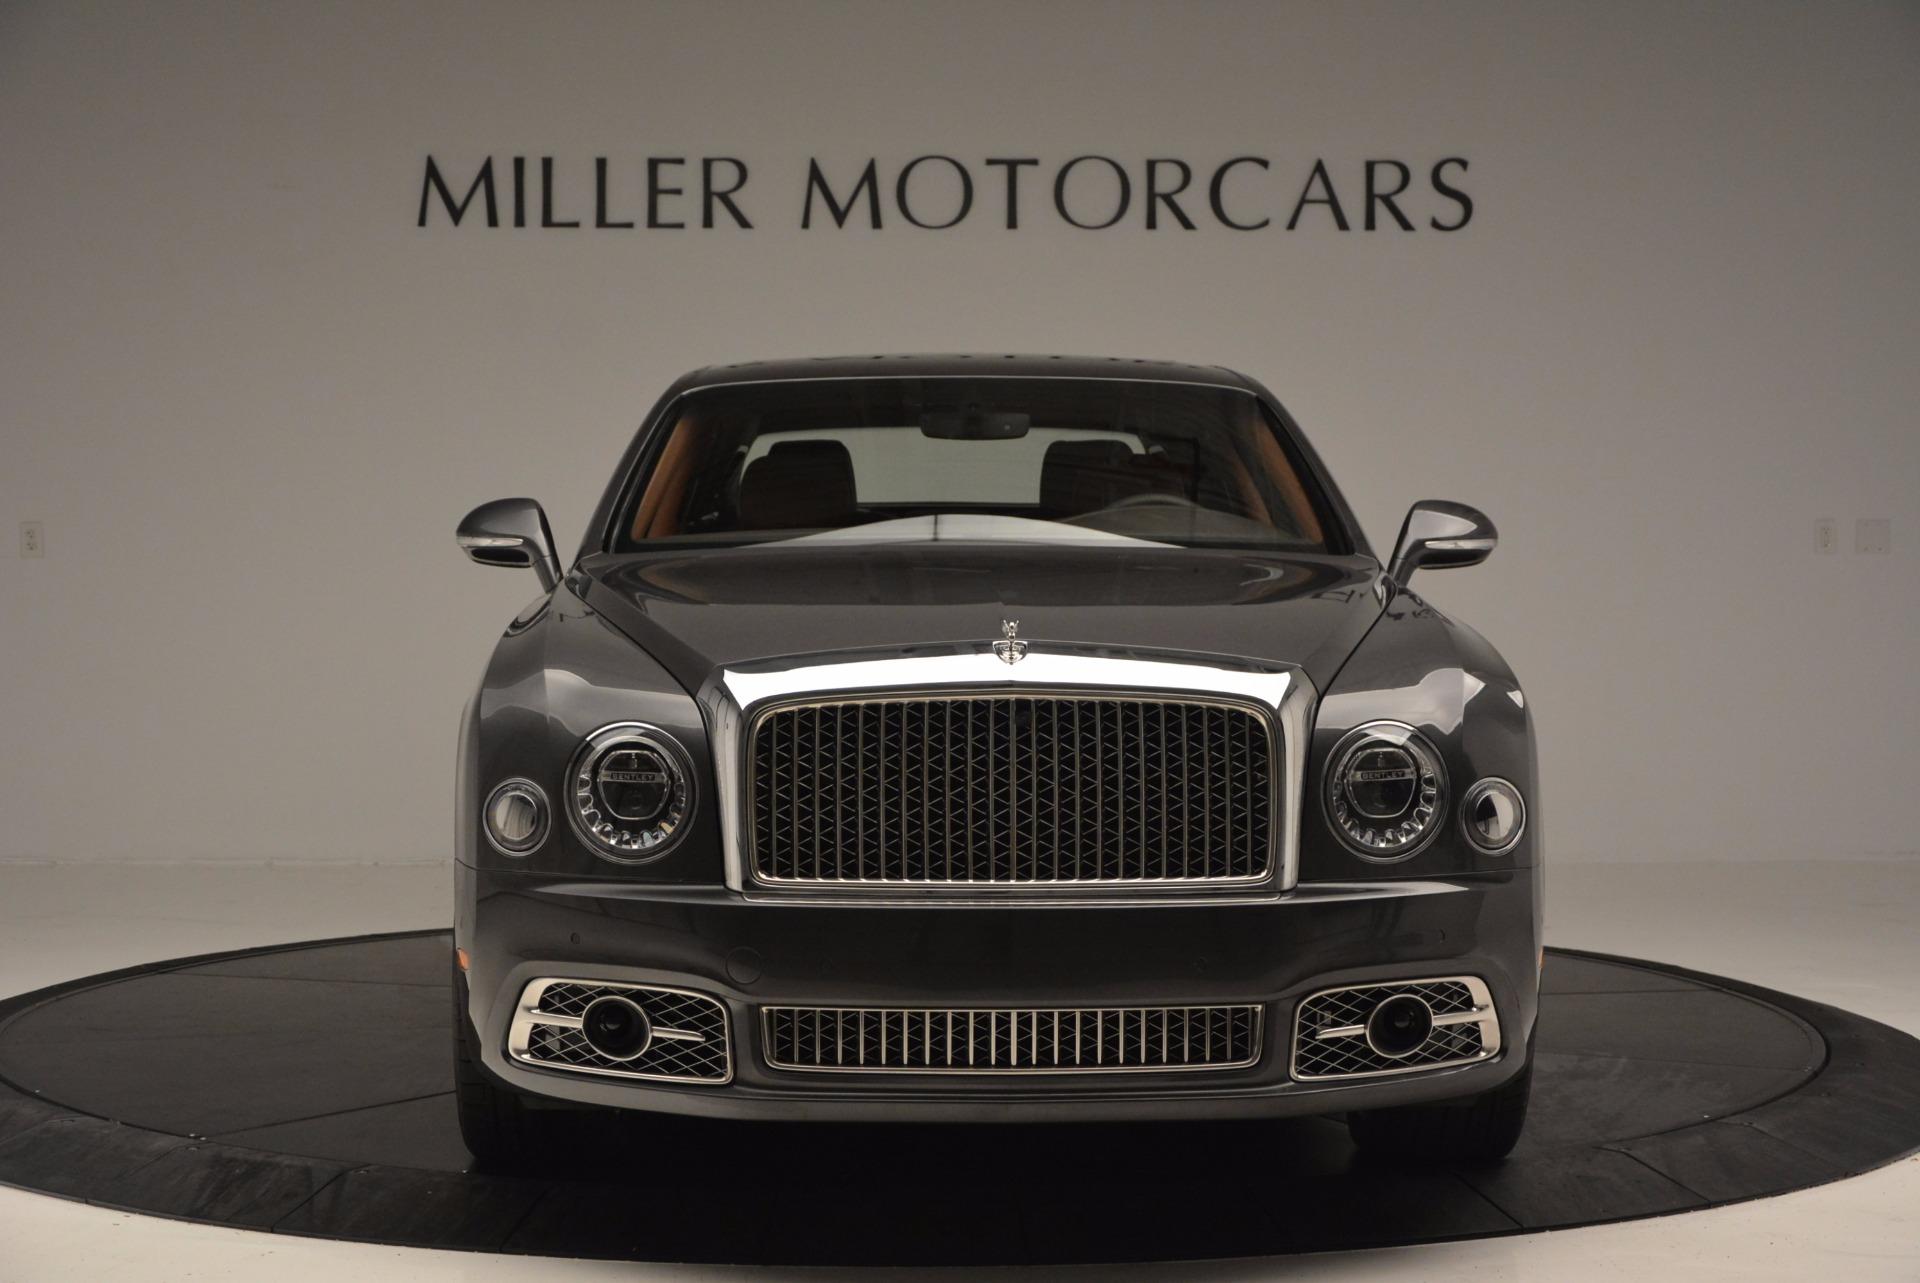 New 2017 Bentley Mulsanne  For Sale In Westport, CT 508_p12